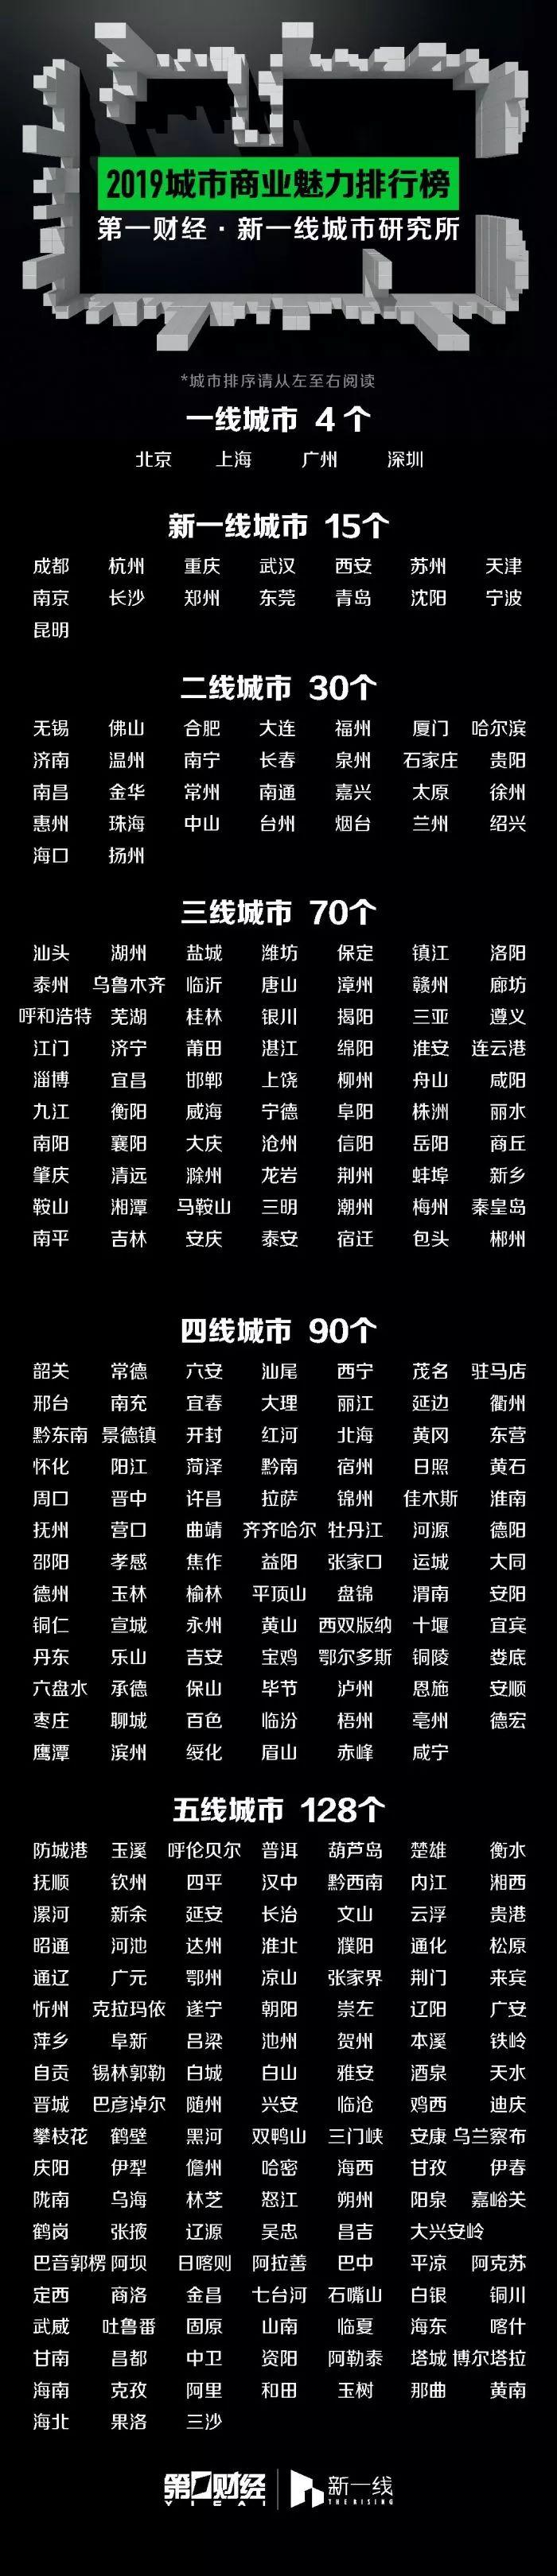 2019城市商业魅力排行榜发布,安徽16市排名出炉……